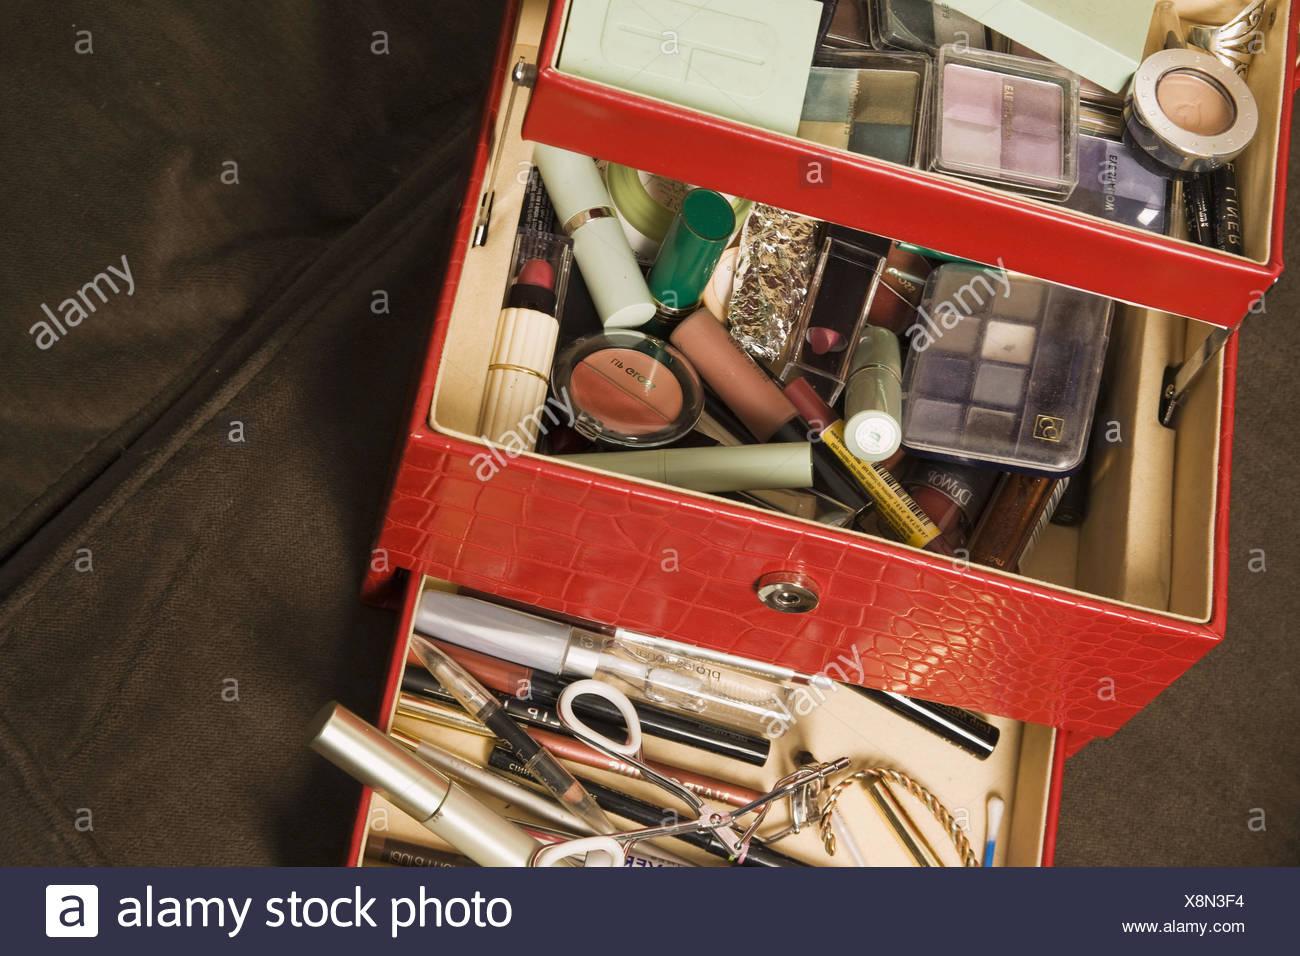 Woman´s makeup kit. - Stock Image